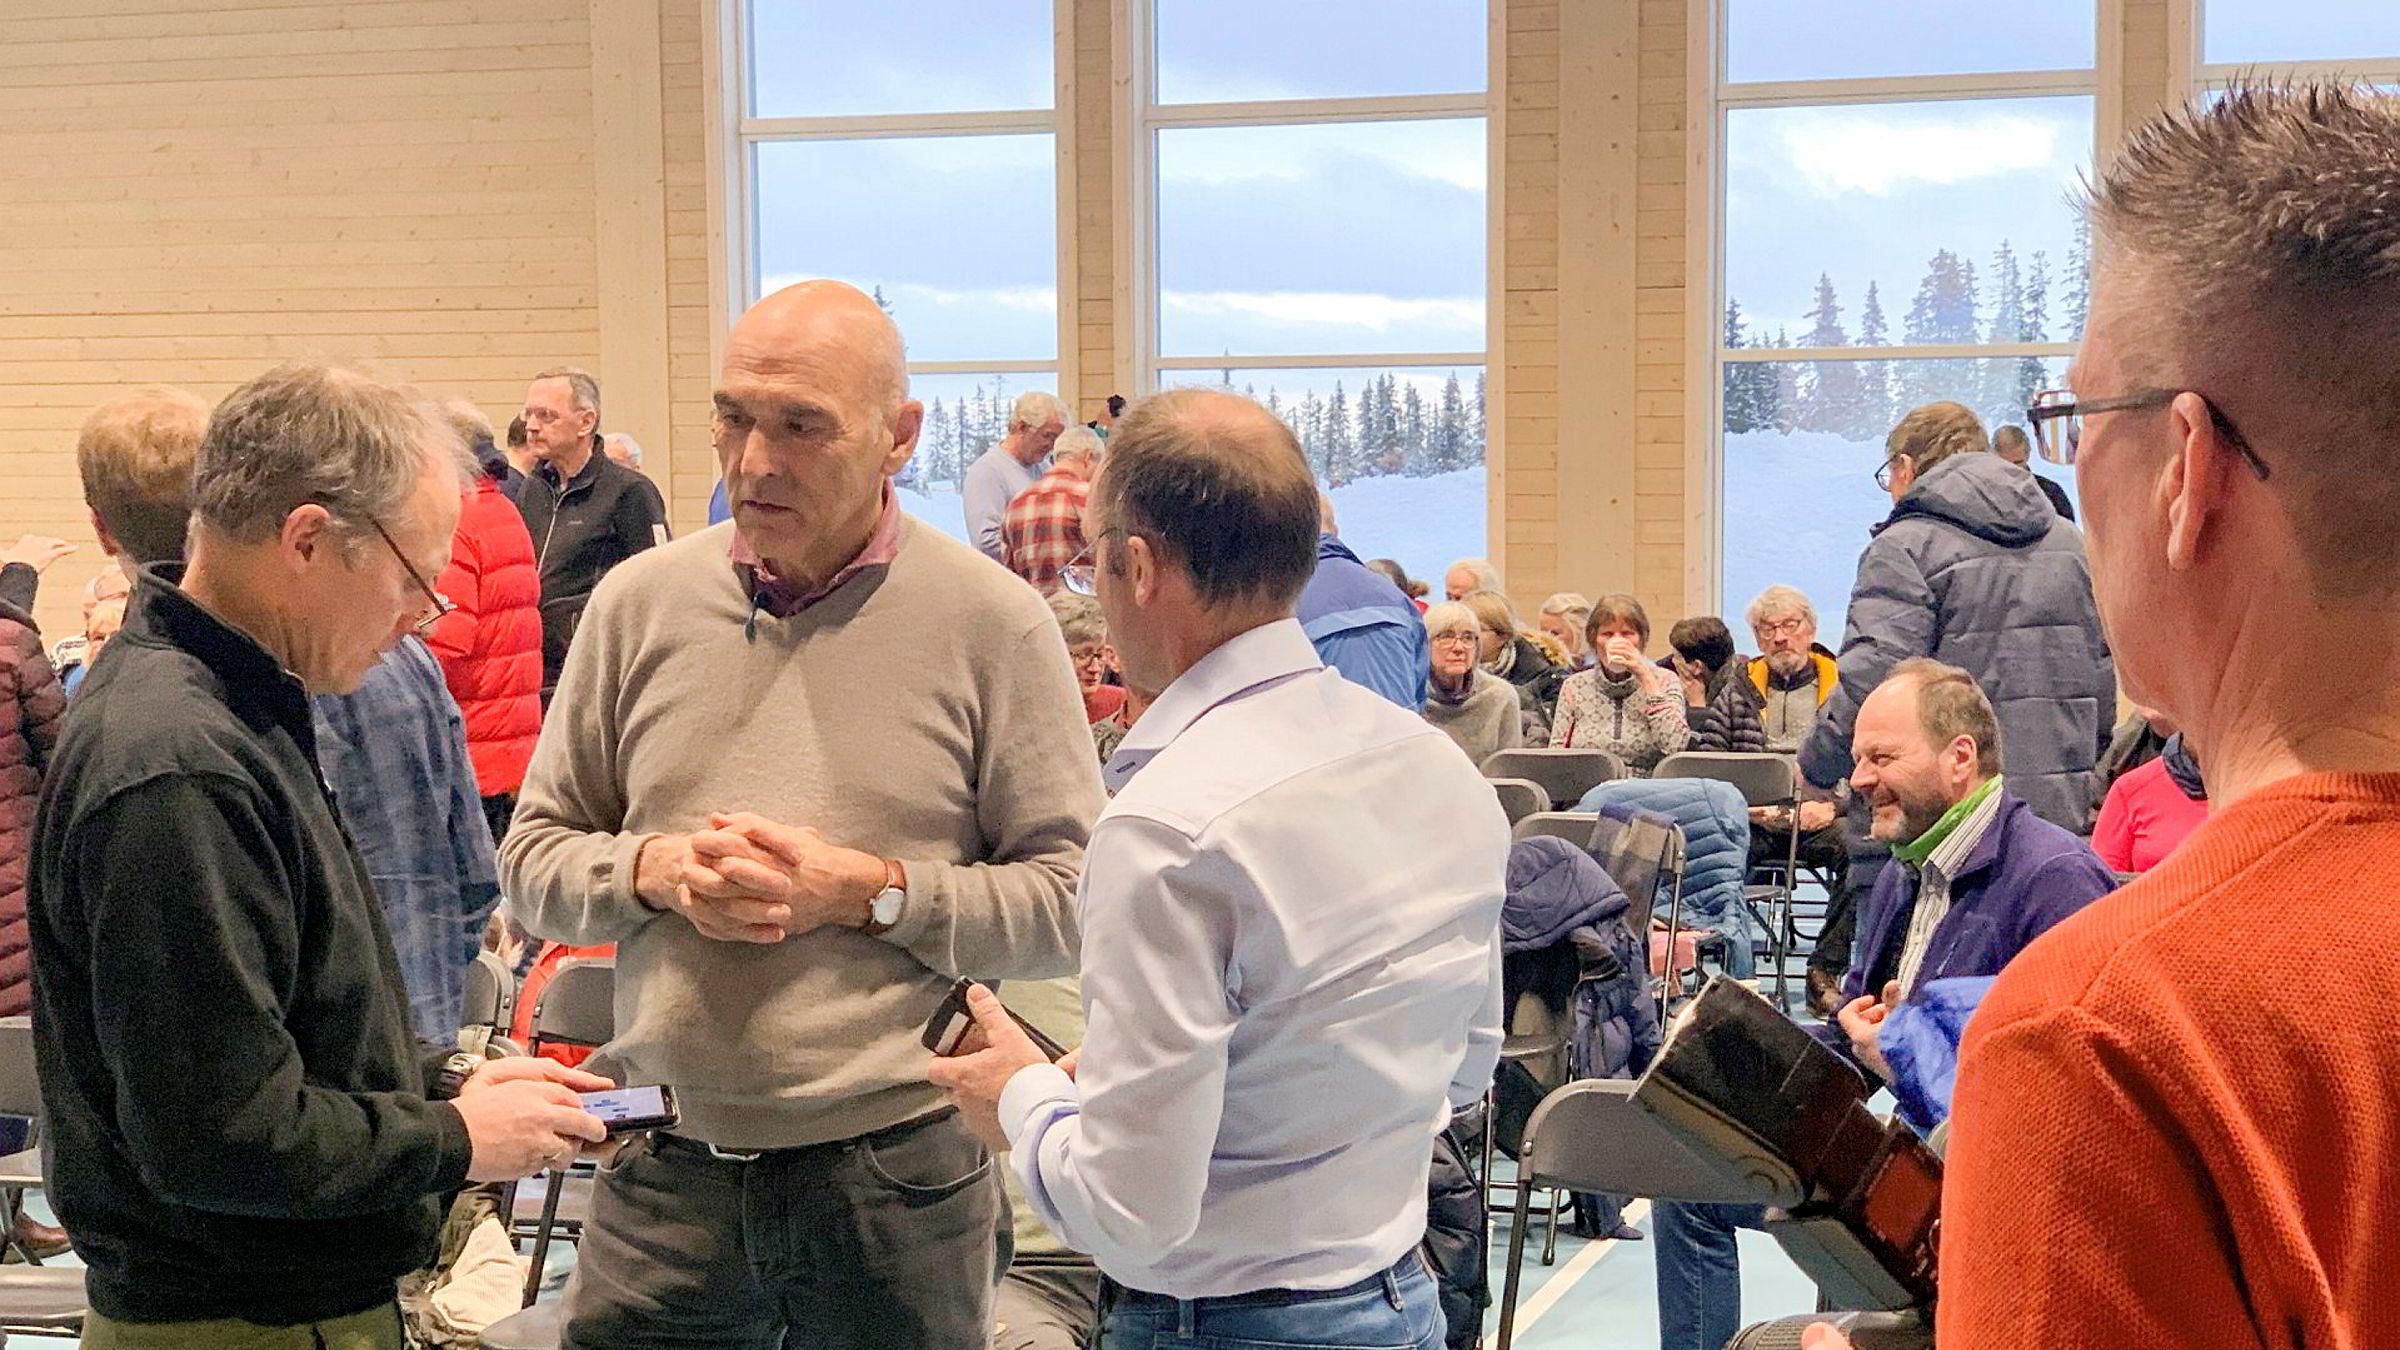 Arthur Buchardt (i midten) tok en prat med Per Fineid, bestyrer i Pihl as (t.v.) og Jan-Tore Hemma i Brøttum Almenning (t.h.) i pausen på møtet fredag. Om 55 år er Sjusjøen bilfritt, tror Buchardt.